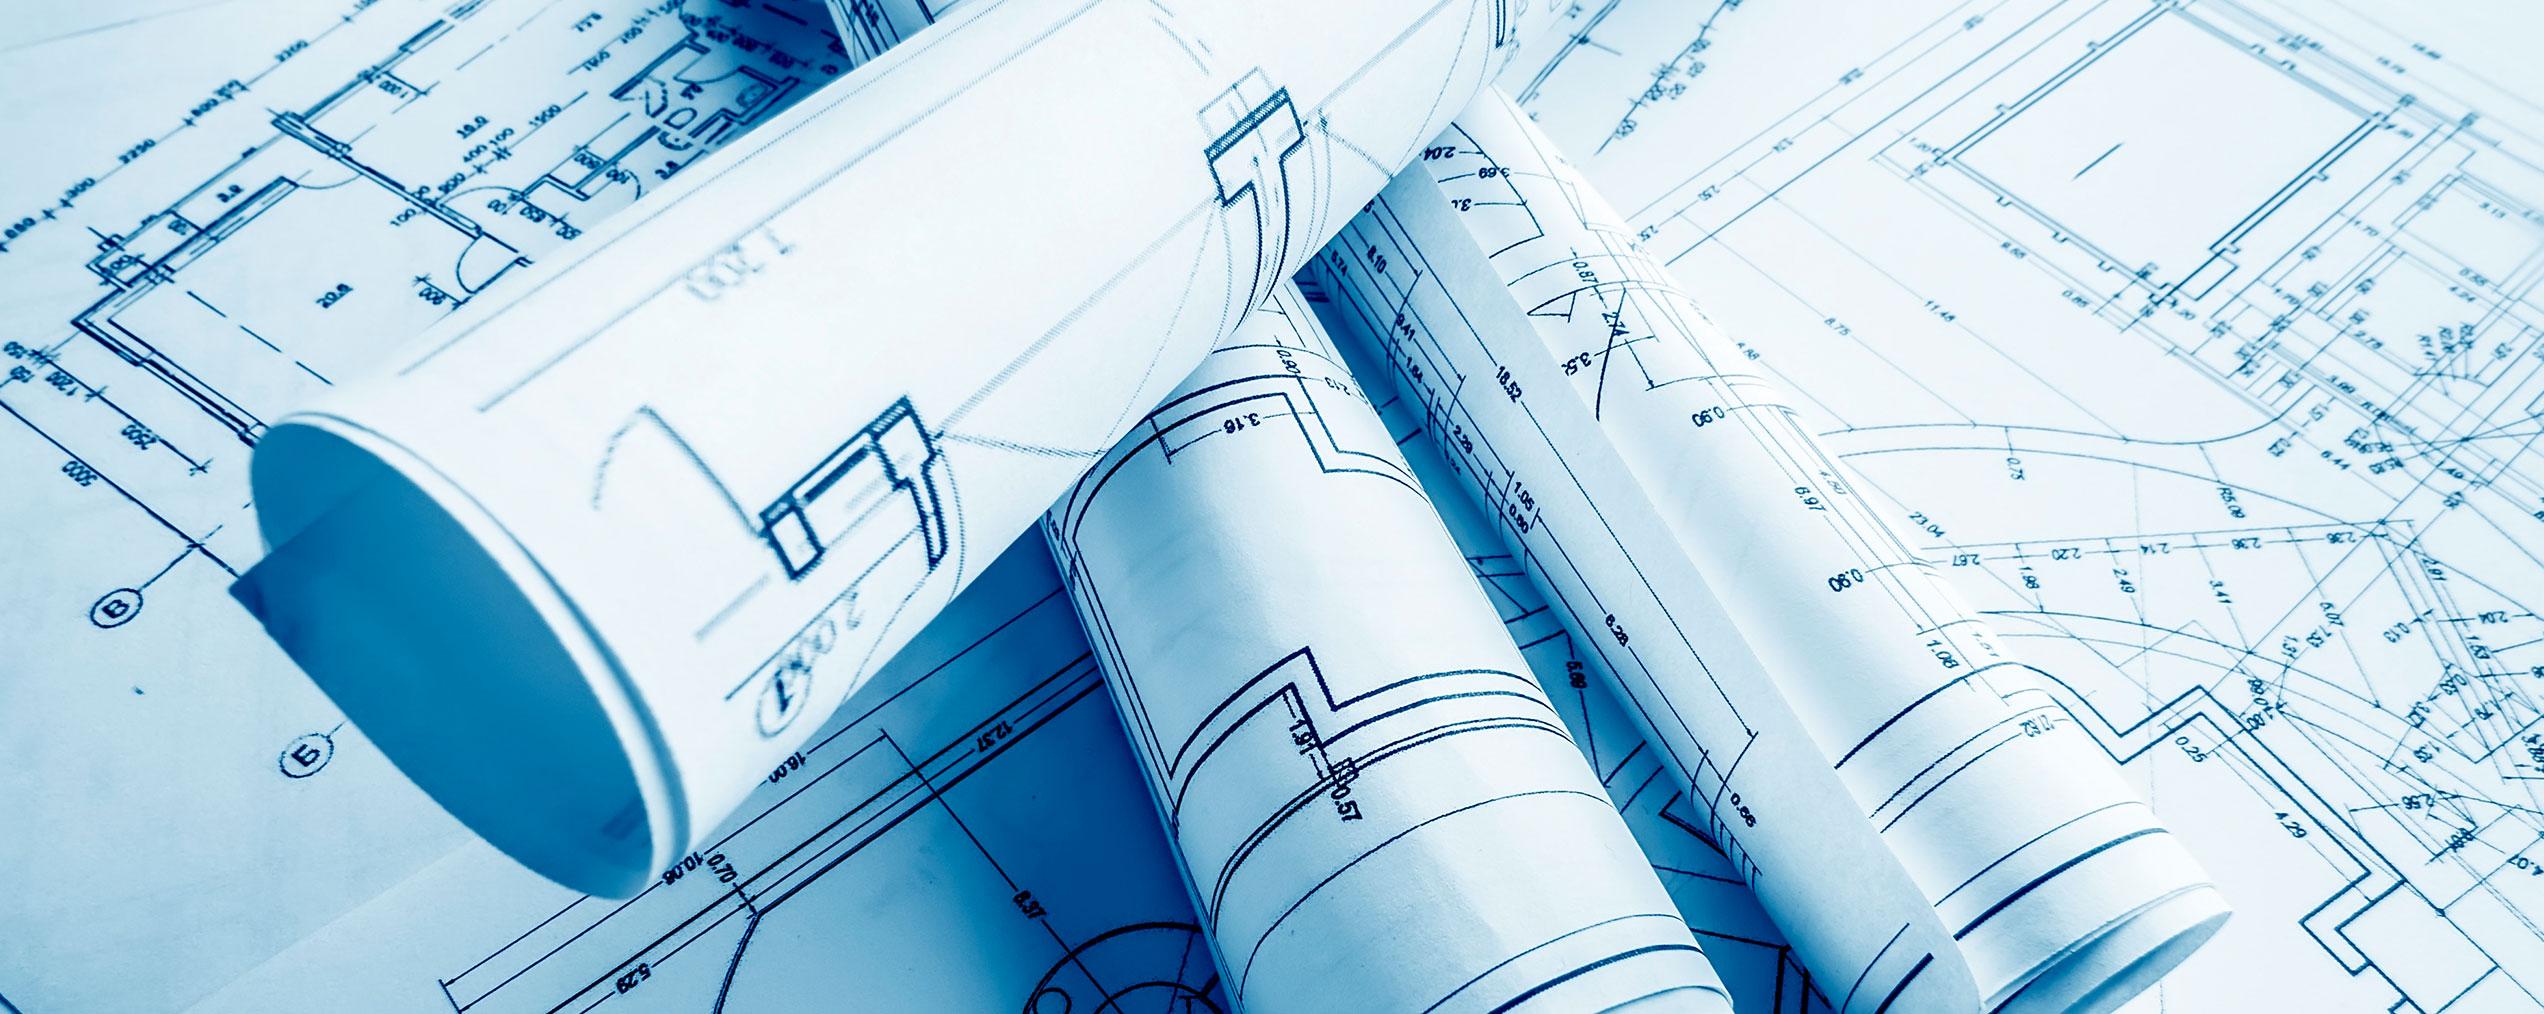 EUD A/S har erfaring med projektudvikling inden for byggeprojekter såsom ejendomsudvikling, boliginvestering, erhvervsbyggeri, boligudvikling, ejendomsinvestering og renovering.